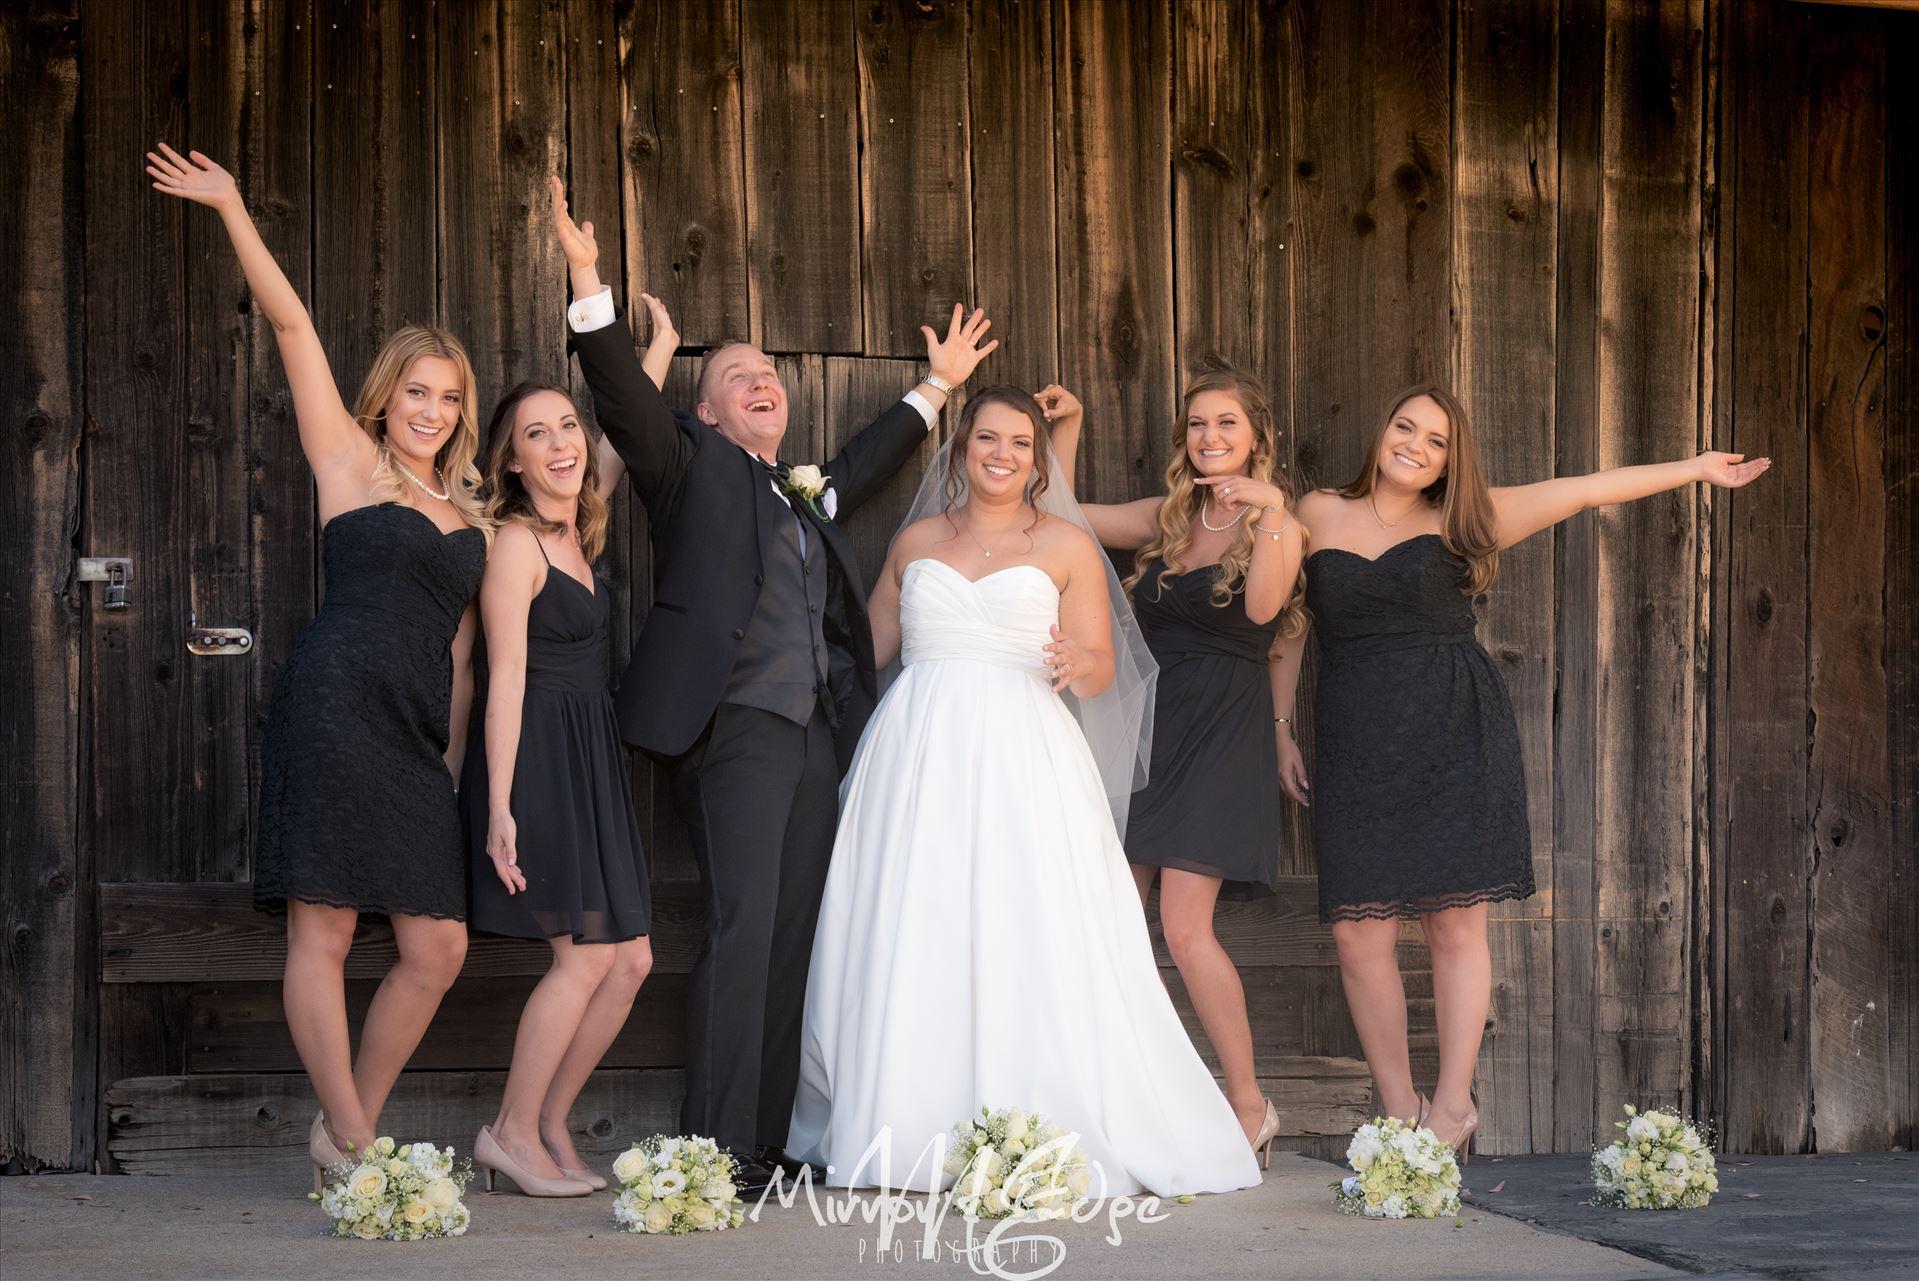 Gilroy Wedding Photography 10Mirror's Edge Photography provides wedding and engagement photography for San Luis Obispo, Arroyo Grande, Pismo Beach, Avila Beach, Morro Bay and surrounding Central Coast locations